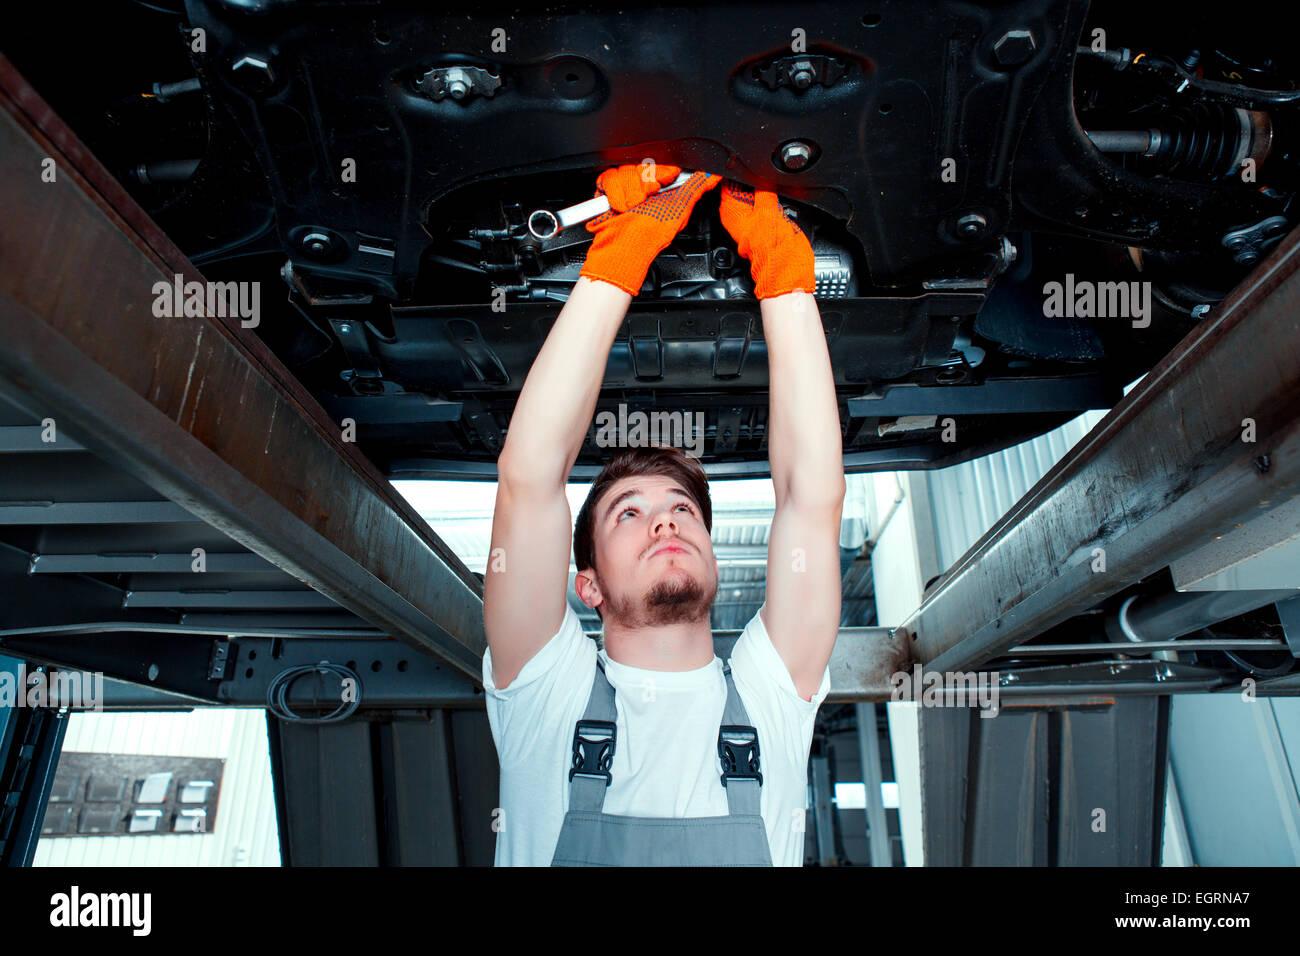 Kfz-Mechaniker an der Tankstelle Stockbild